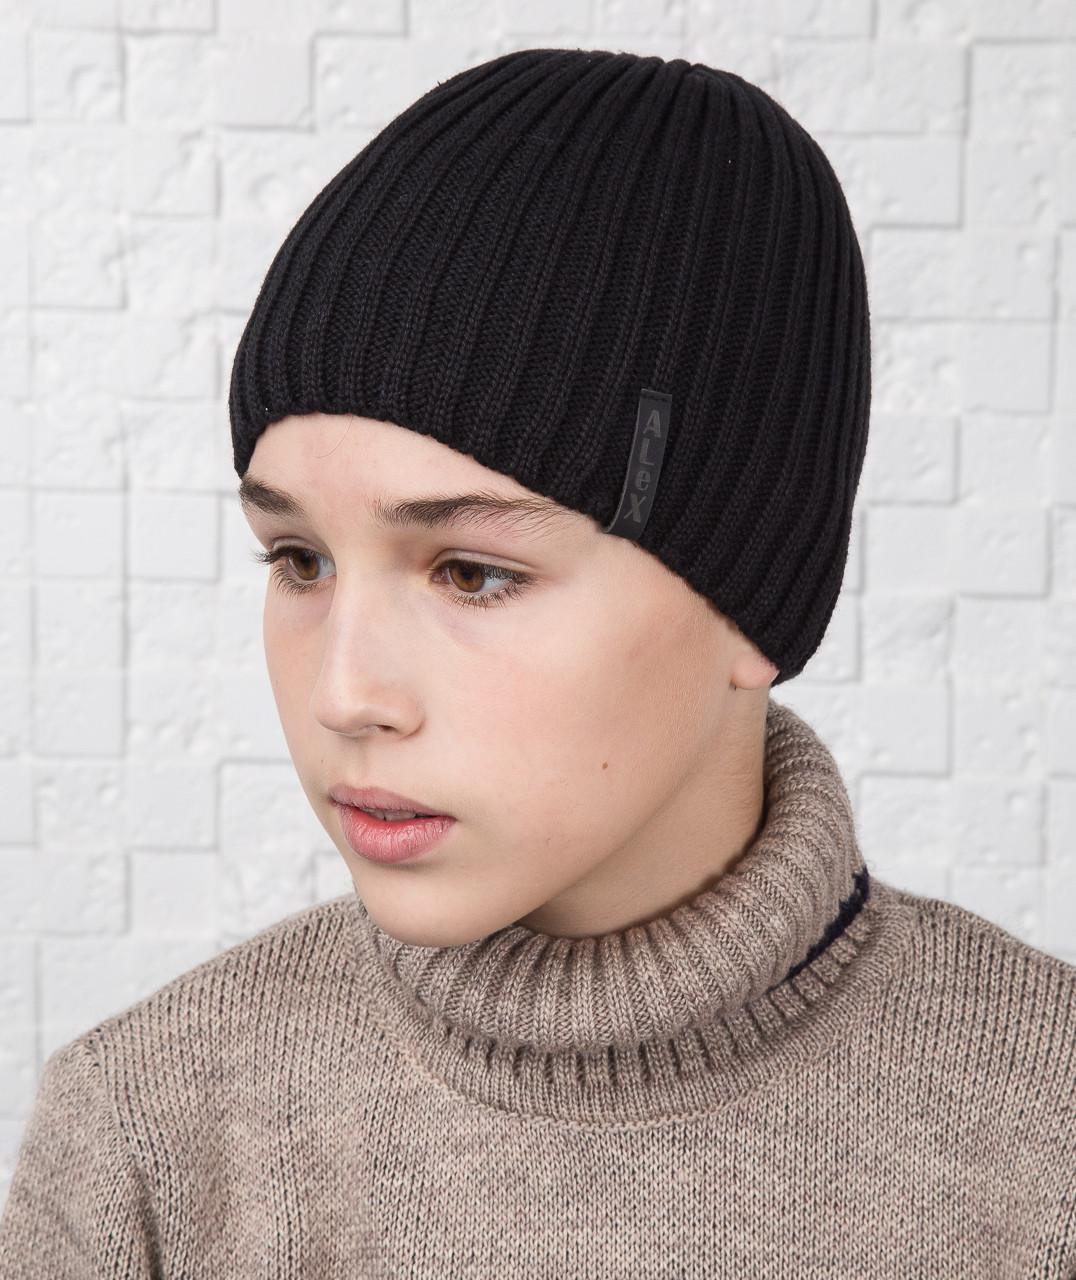 Зимняя вязаная шапка для мальчика подростка ALEX на флисе - Артикул AL17040